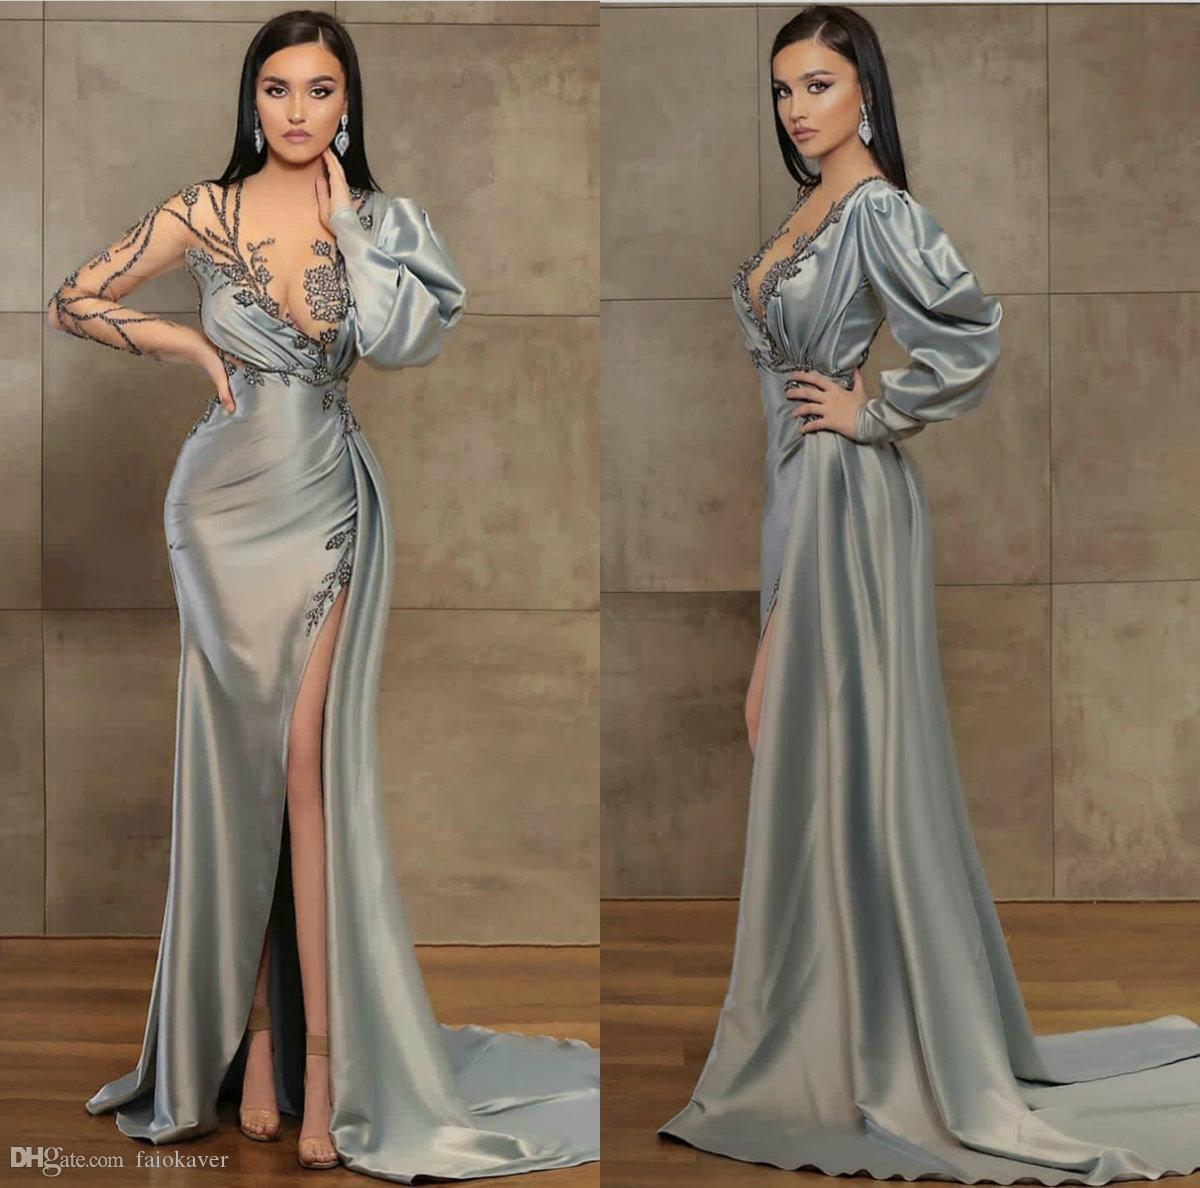 Prom Dress manica sexy degli abiti di sera Con High Side Split raso in rilievo lungo sweep treno su ordine Illusion Robes De Soirée